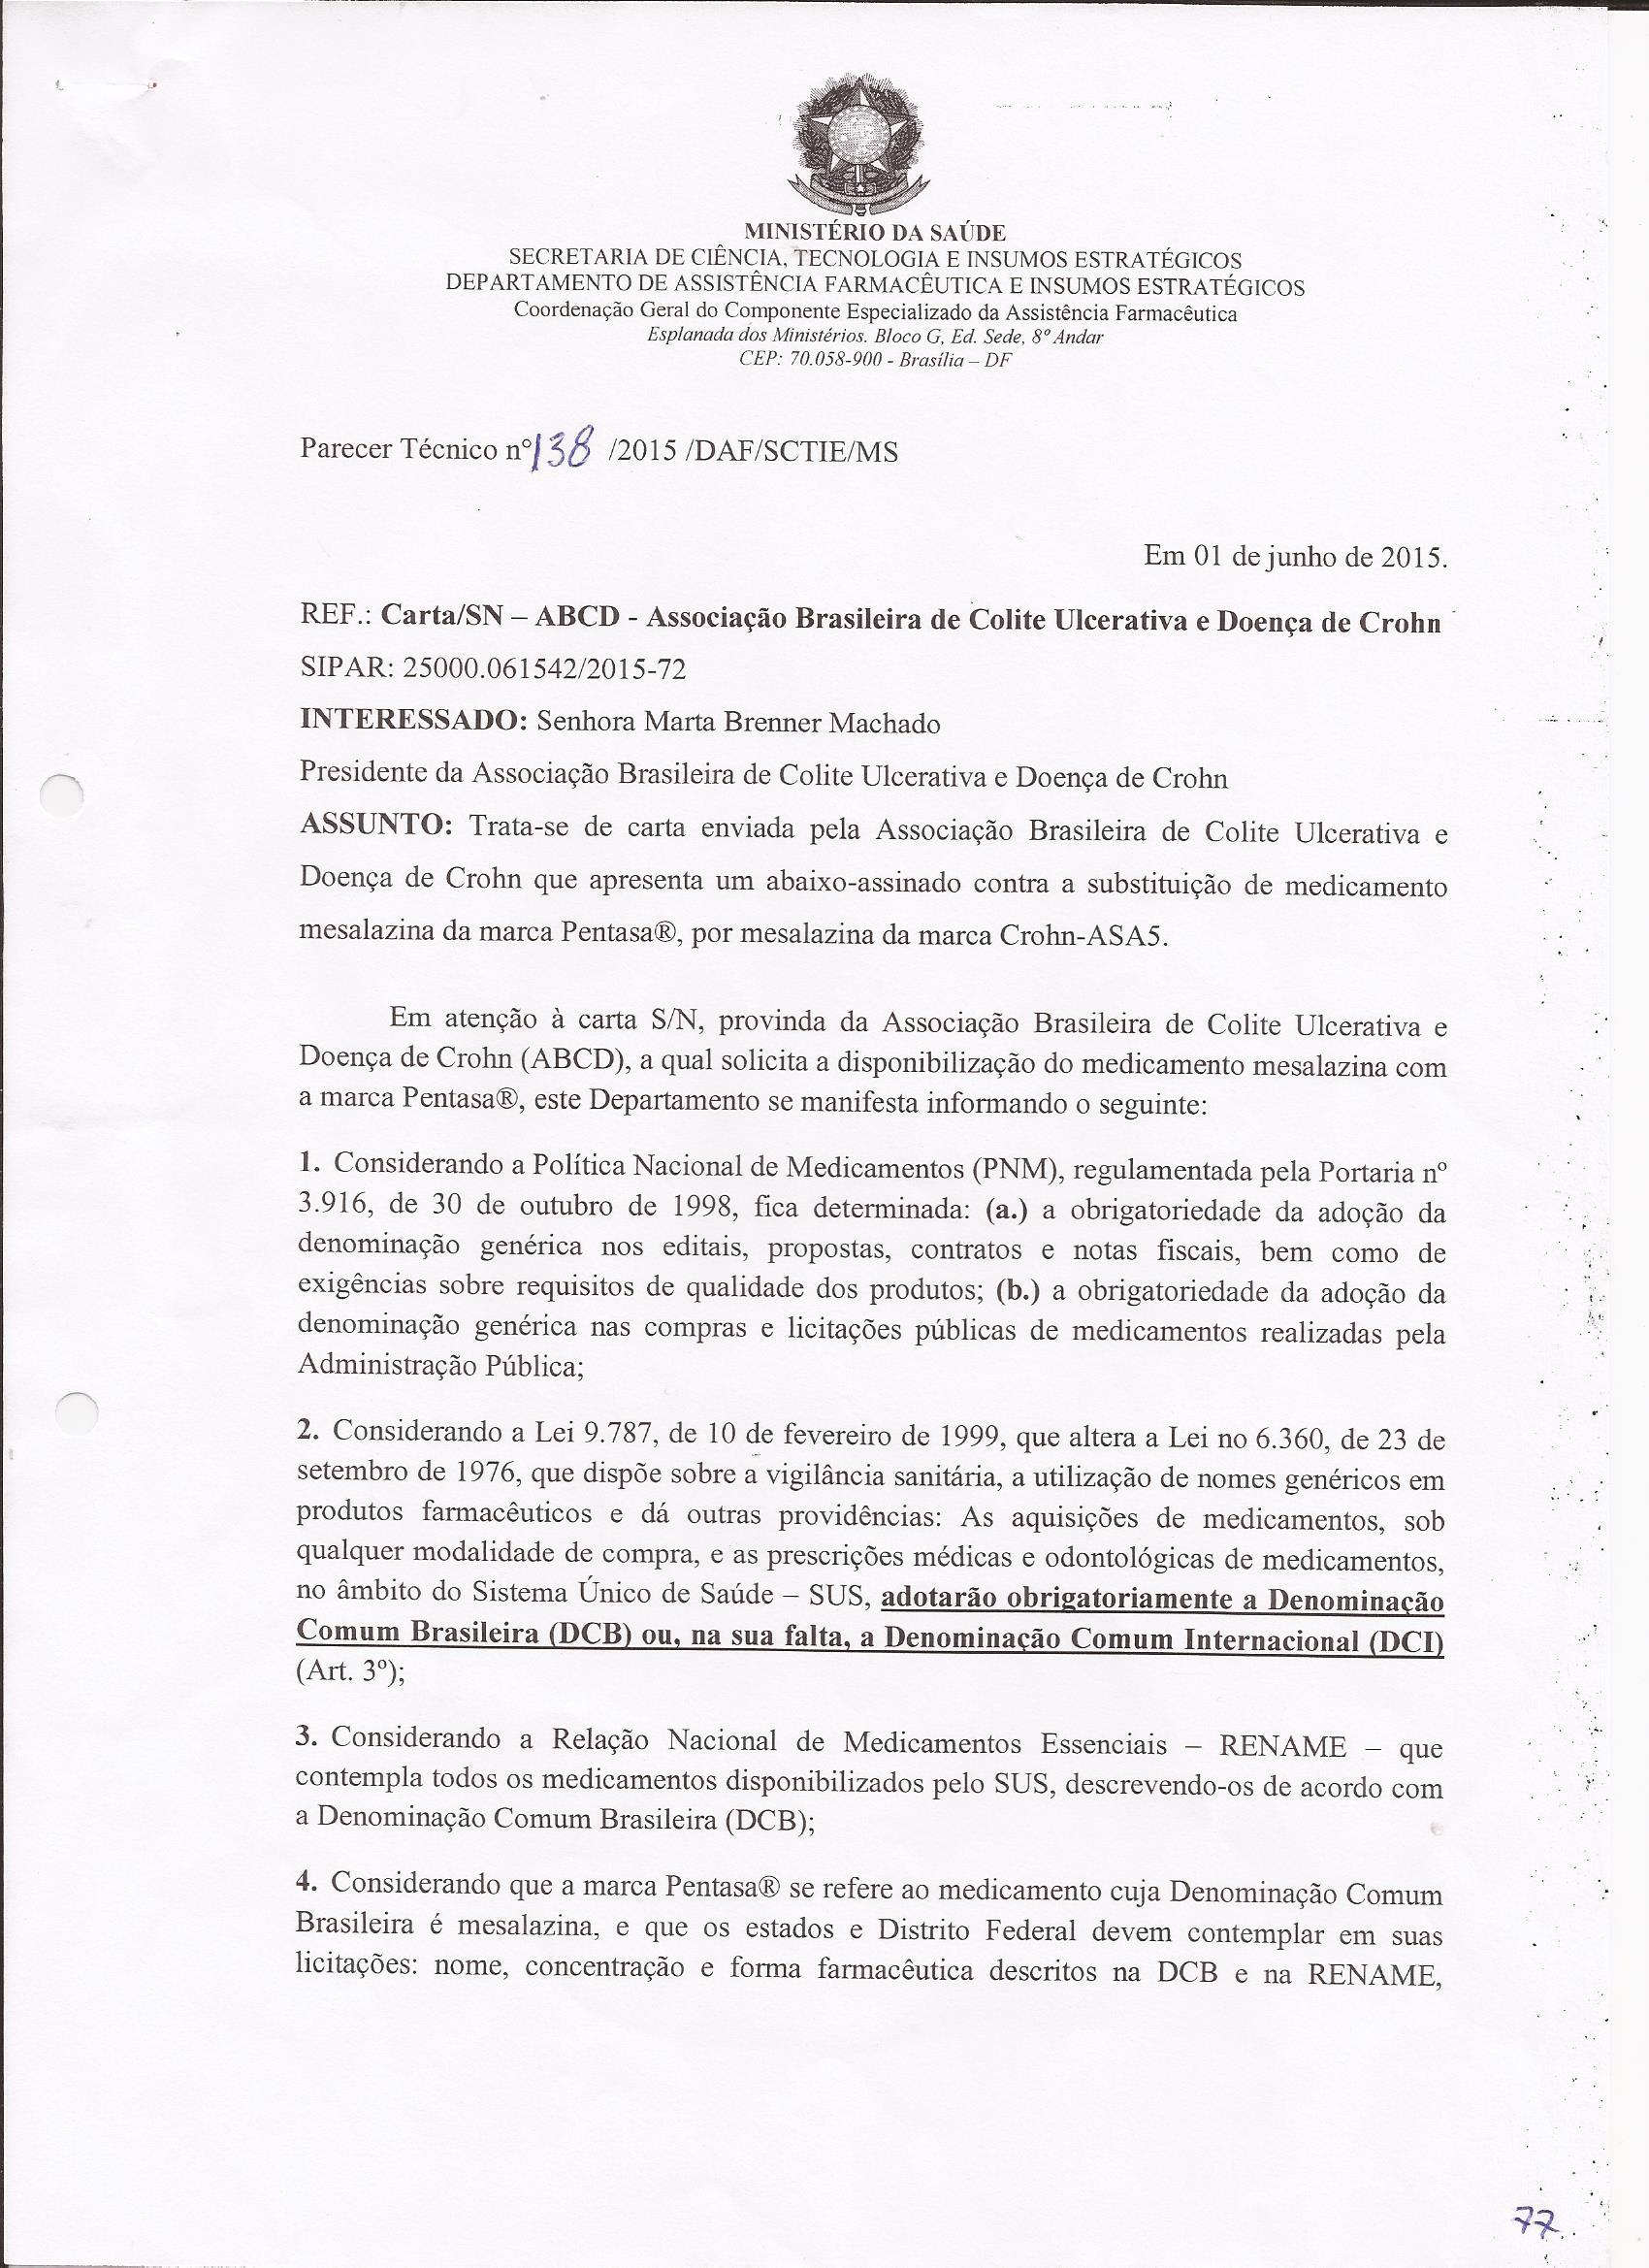 Carta resposta Ministério da Saúde sobre dispensação da Mesalaz0002